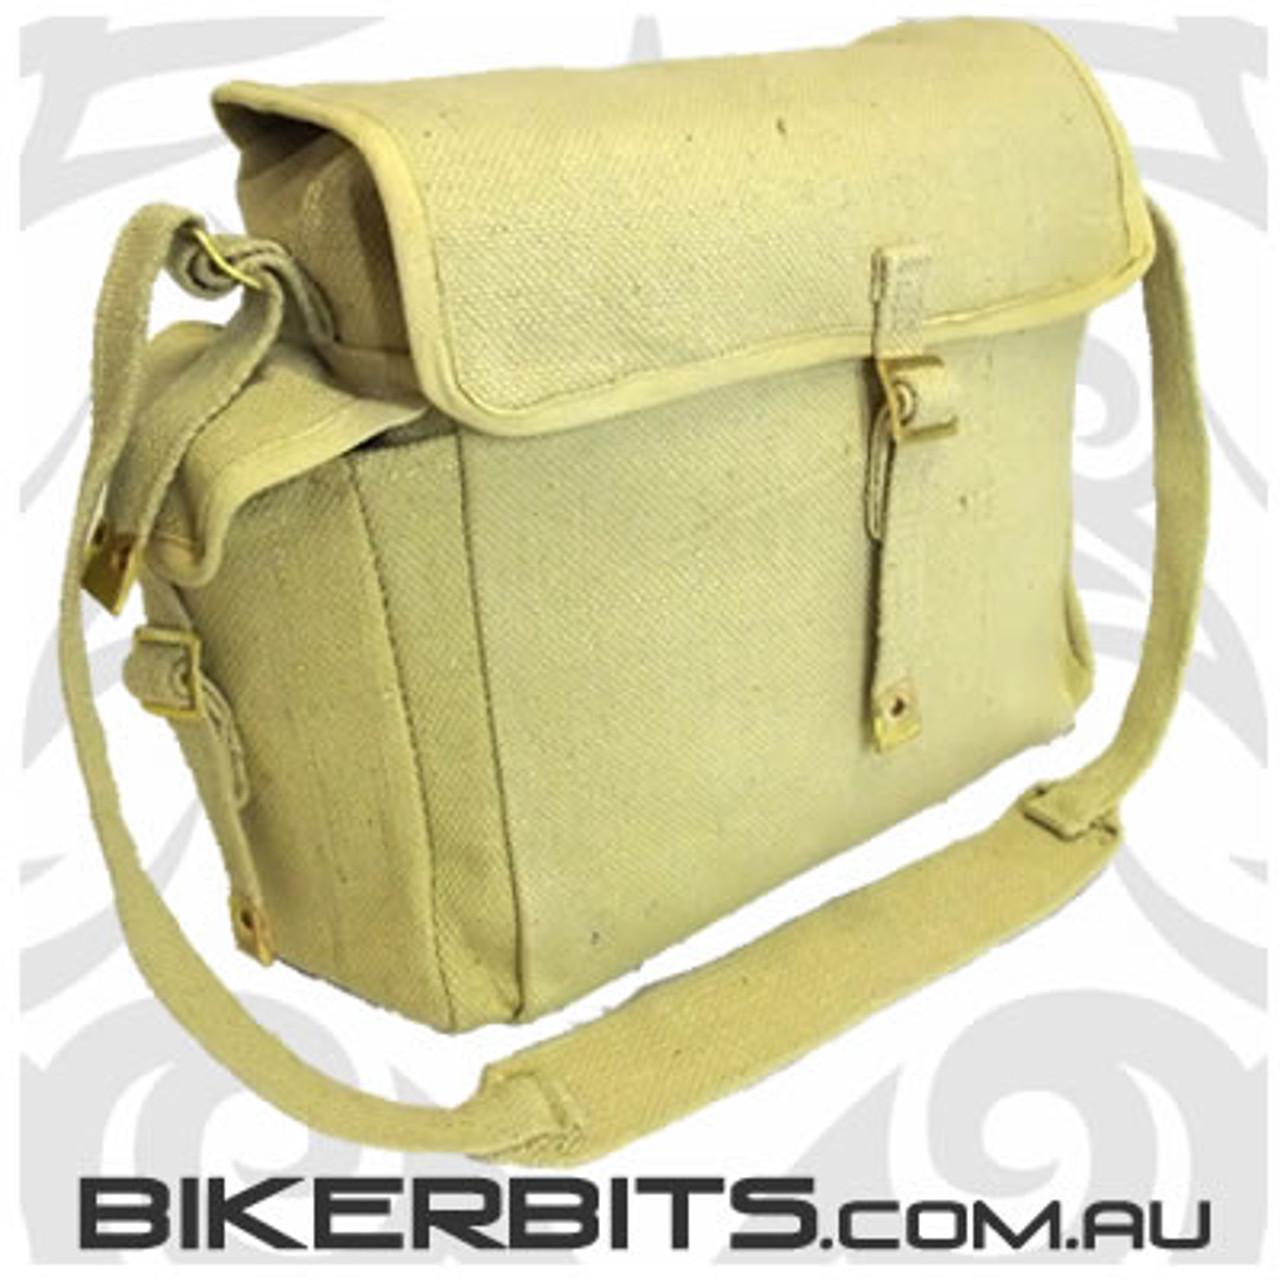 Messenger Bag with Bottle Holders - Khaki